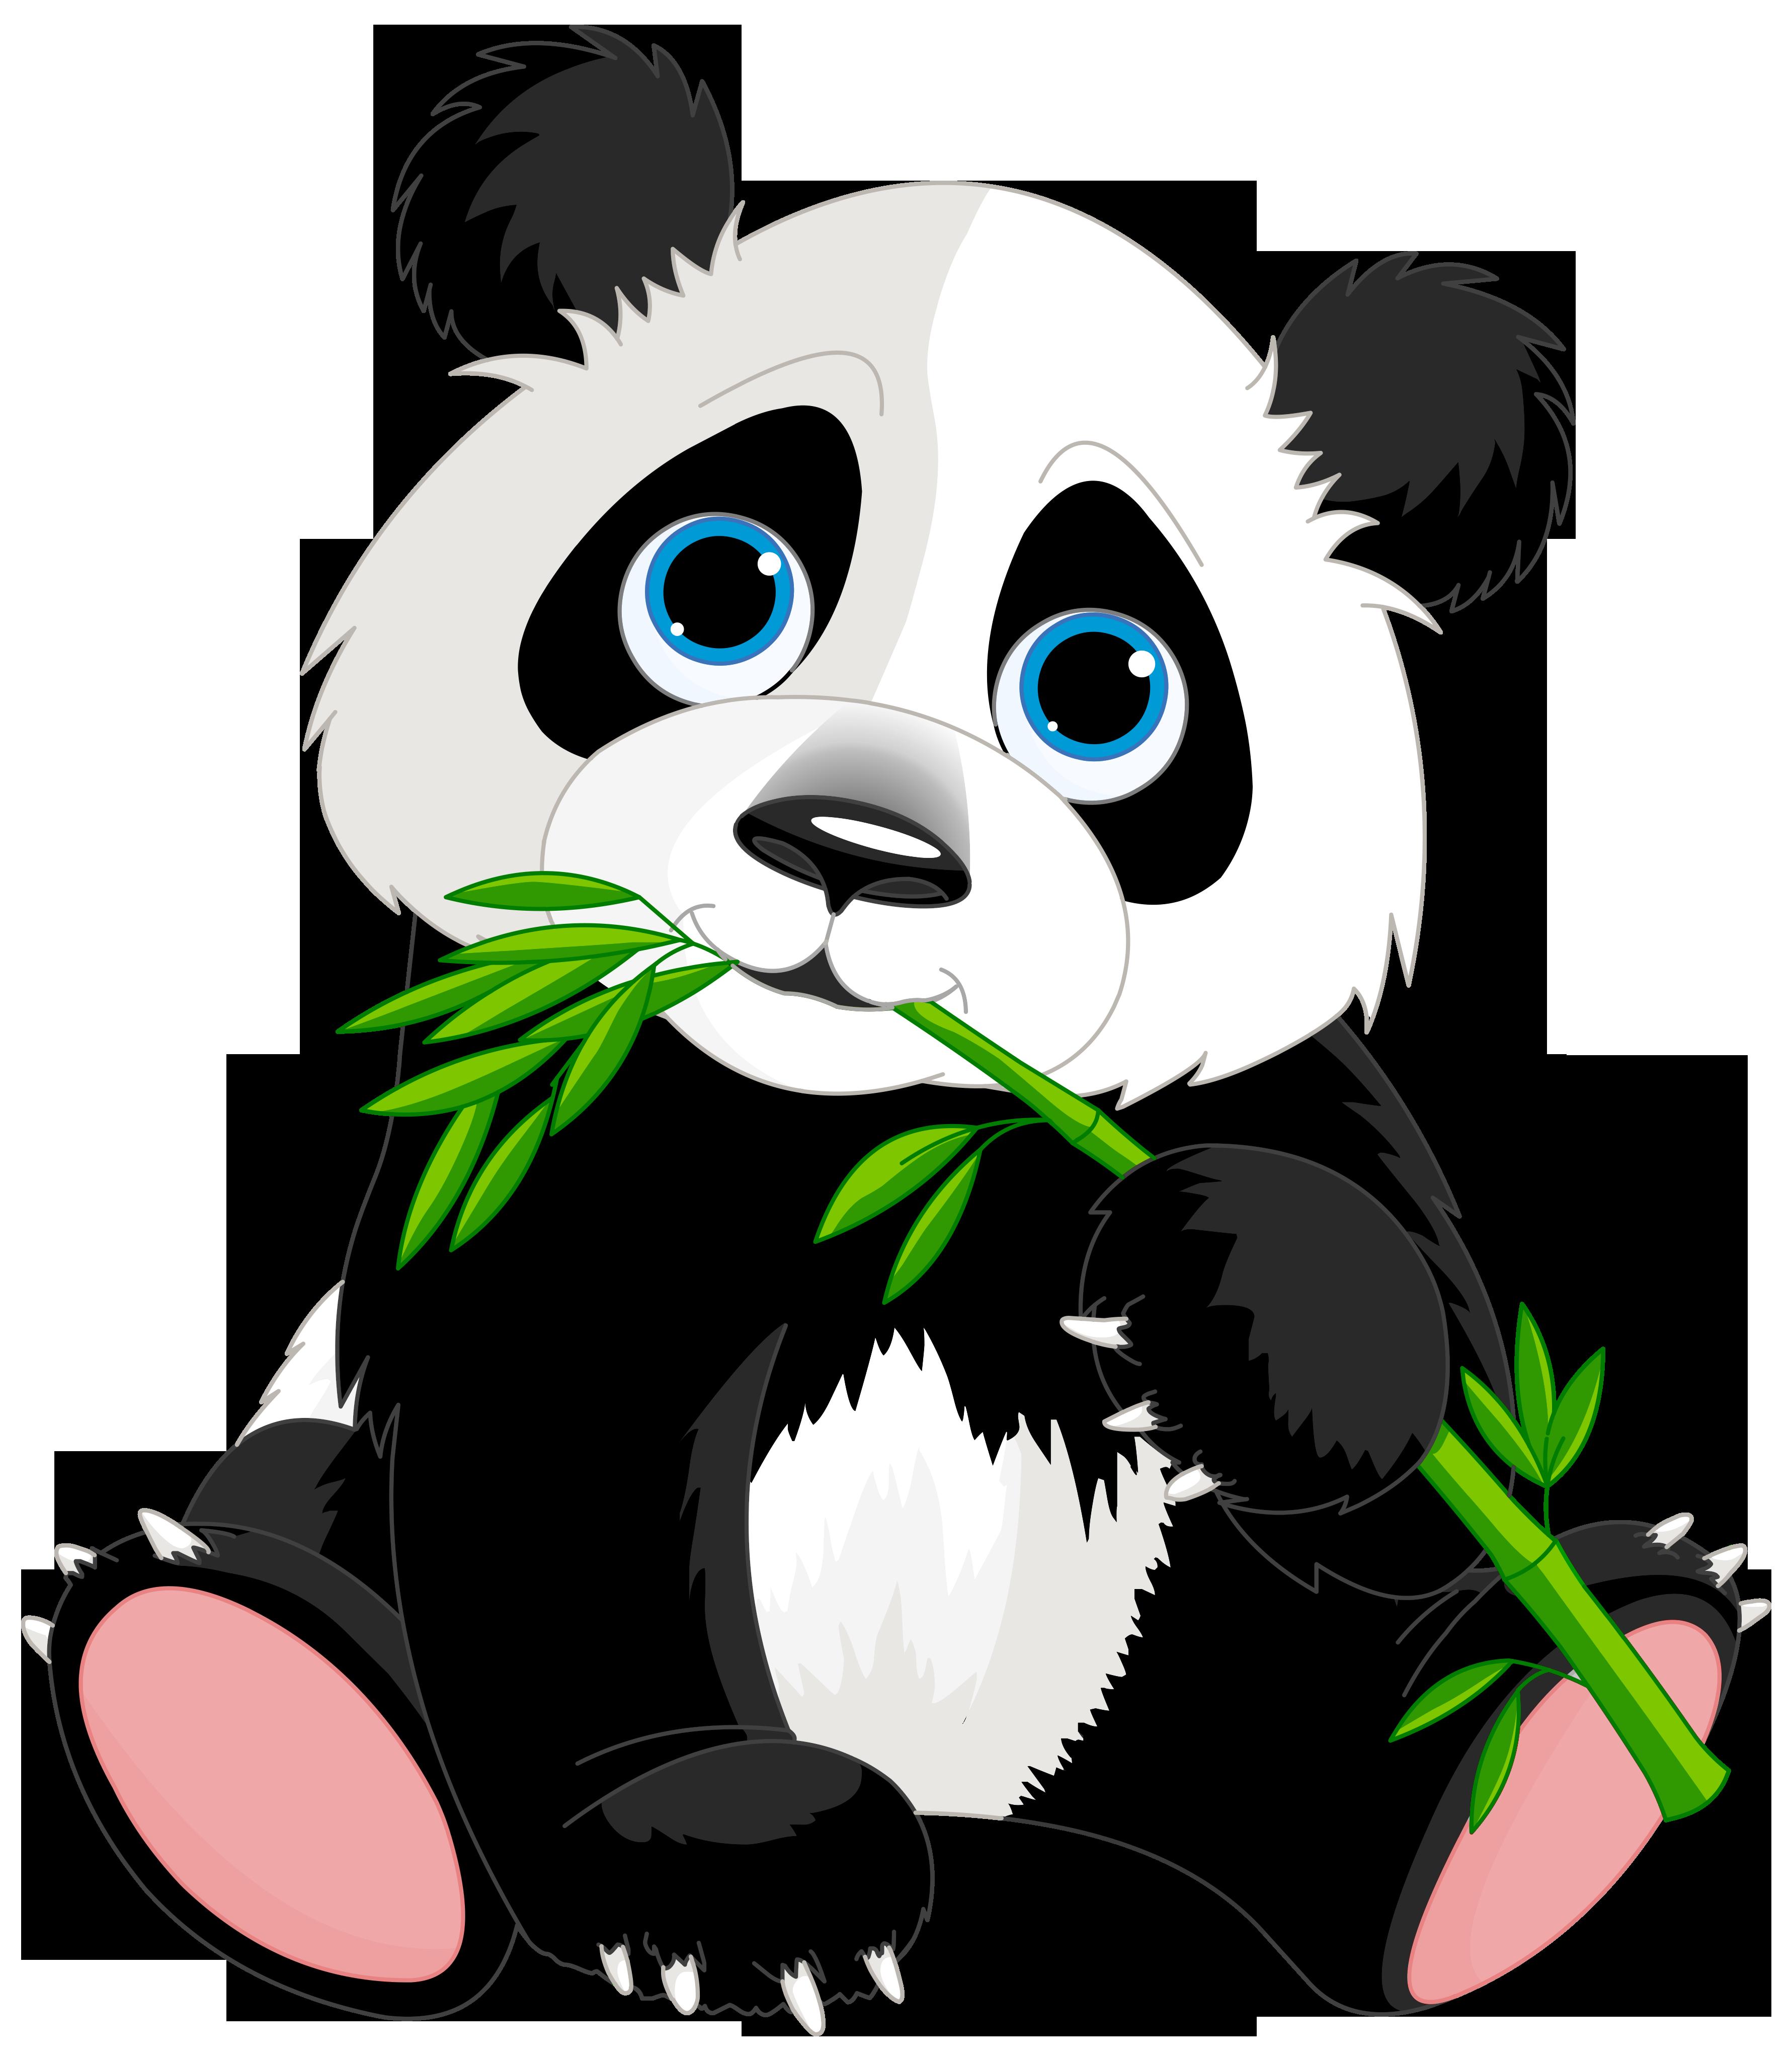 Cute Panda Cartoon PNG Clipart Image.